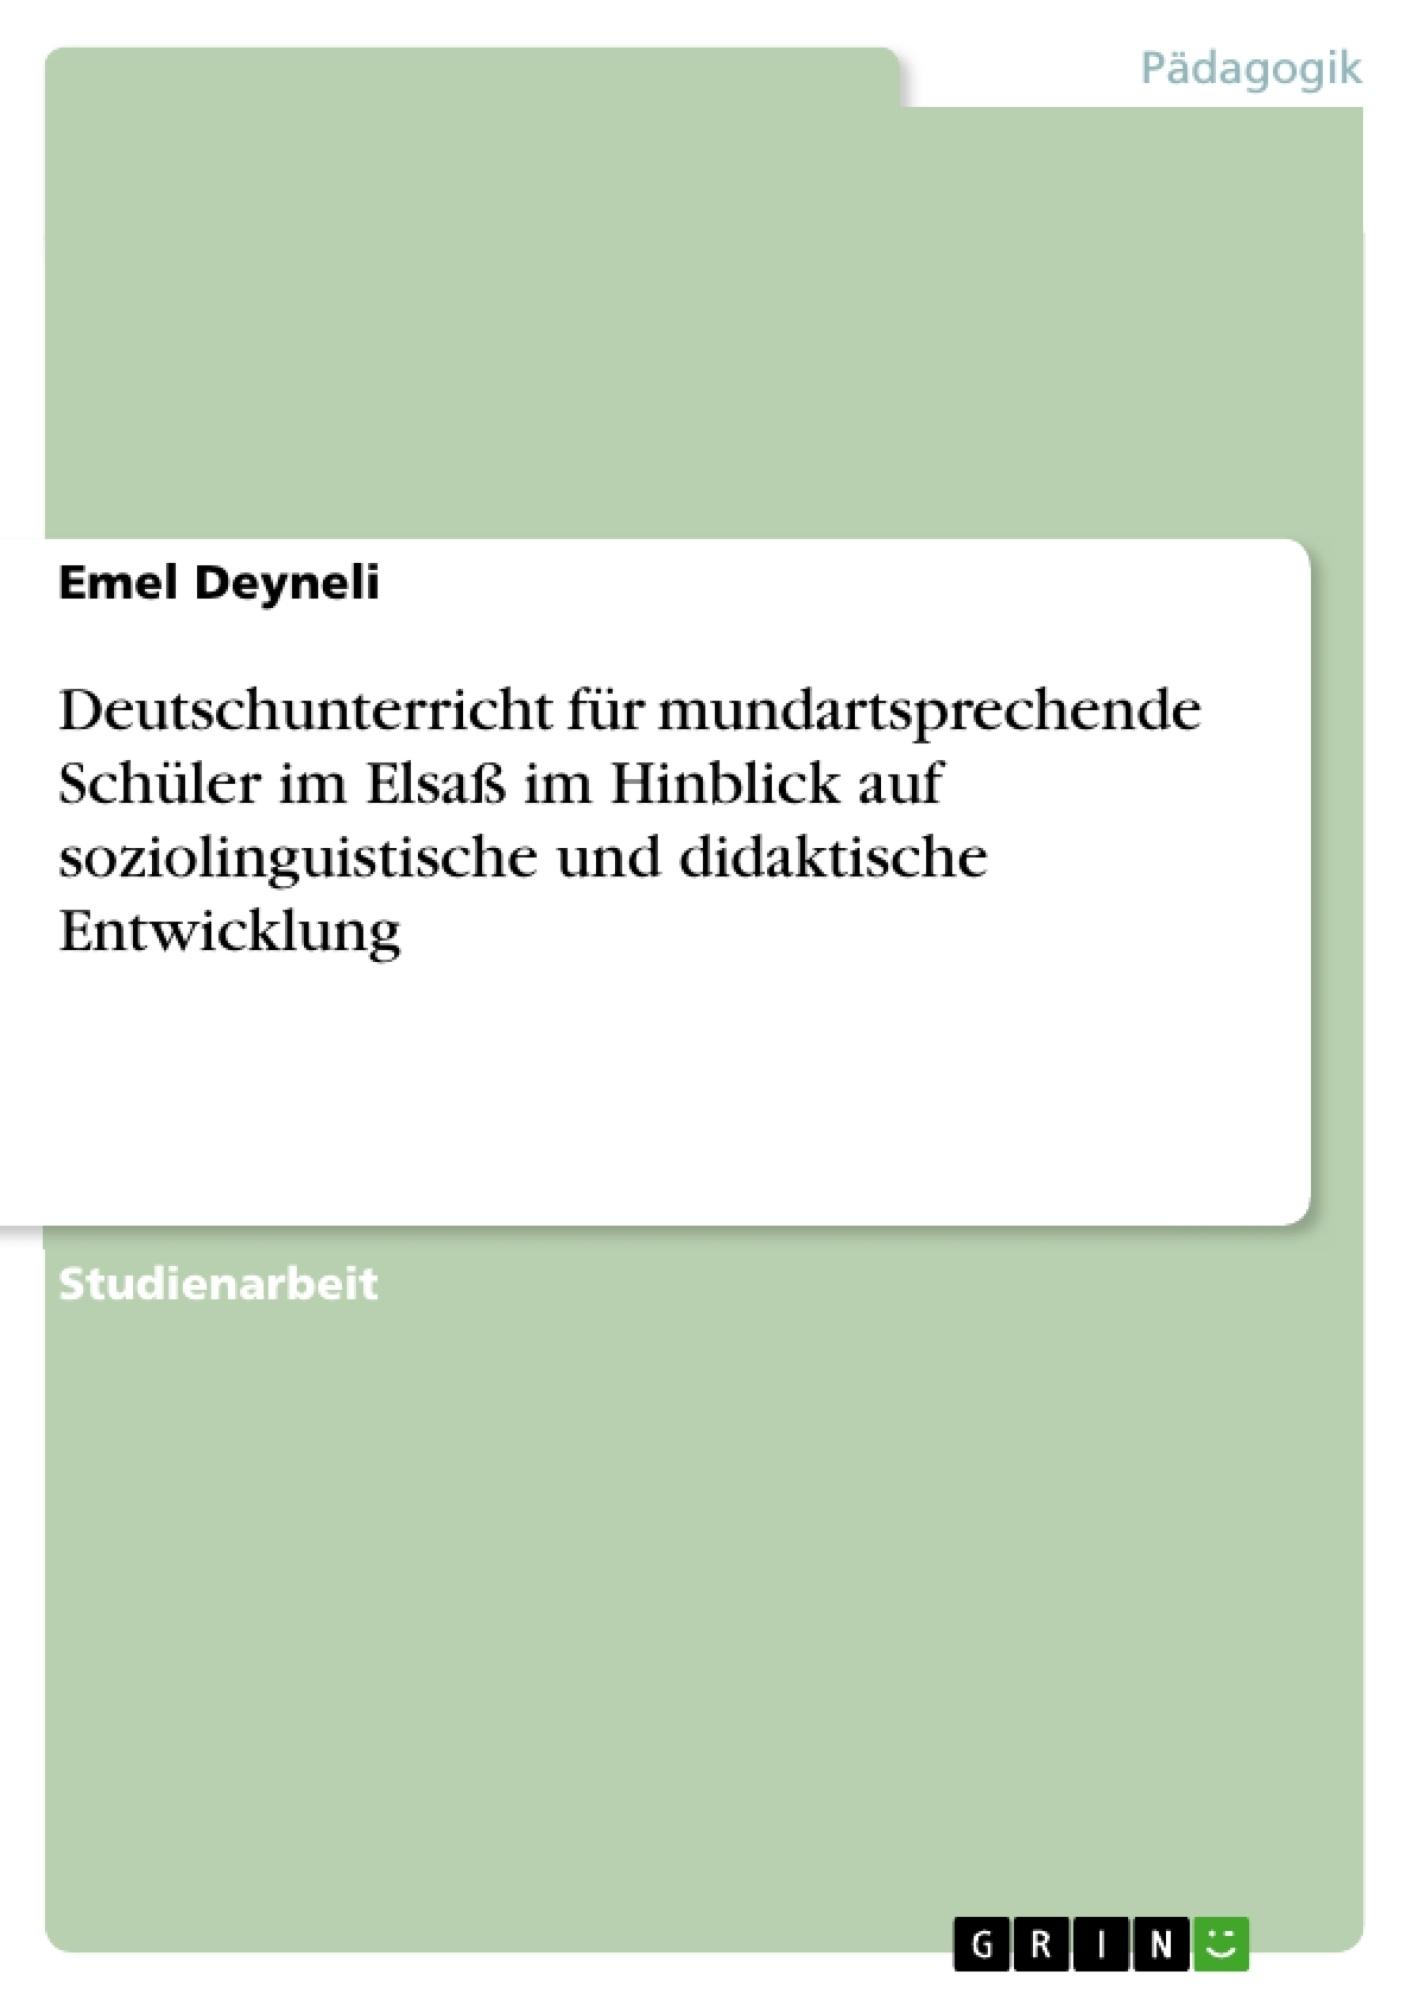 Titel: Deutschunterricht für mundartsprechende Schüler im Elsaß im Hinblick auf soziolinguistische und didaktische Entwicklung